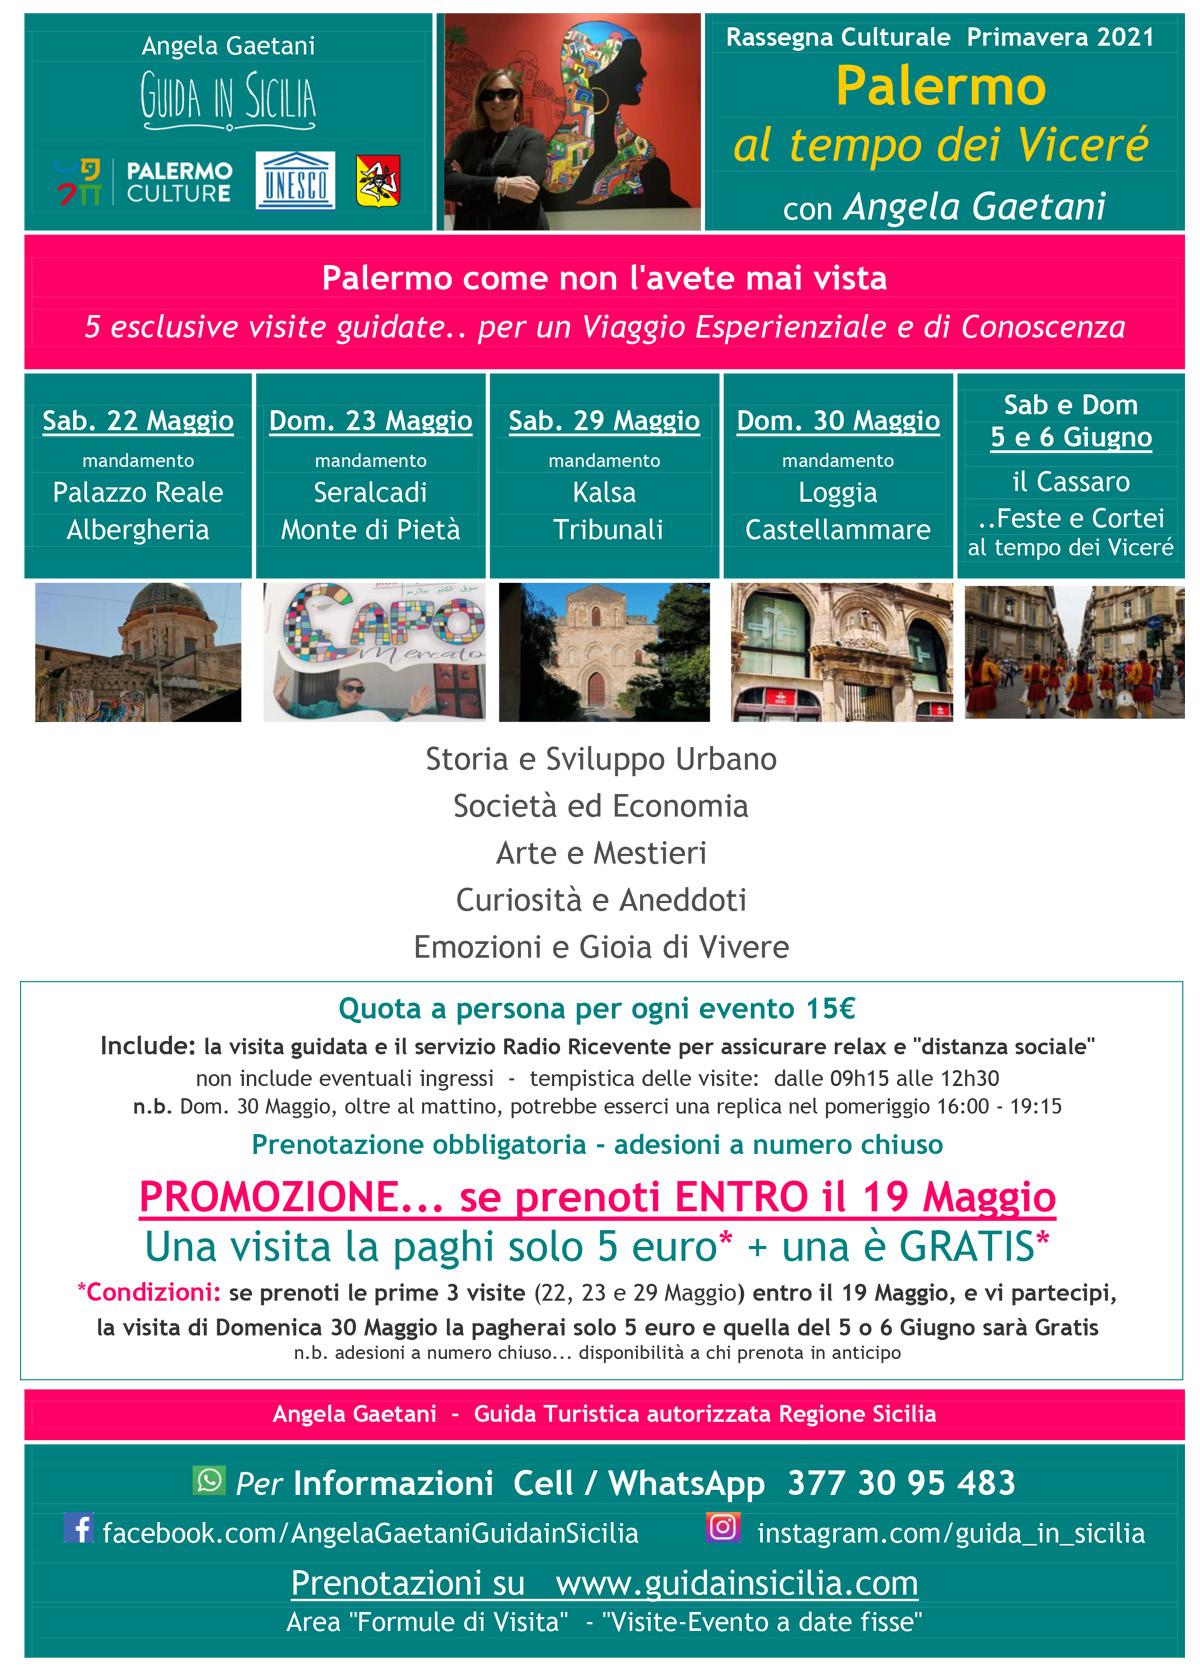 Conosci-Palermo_Maggio_2021-Palermo-Vicere